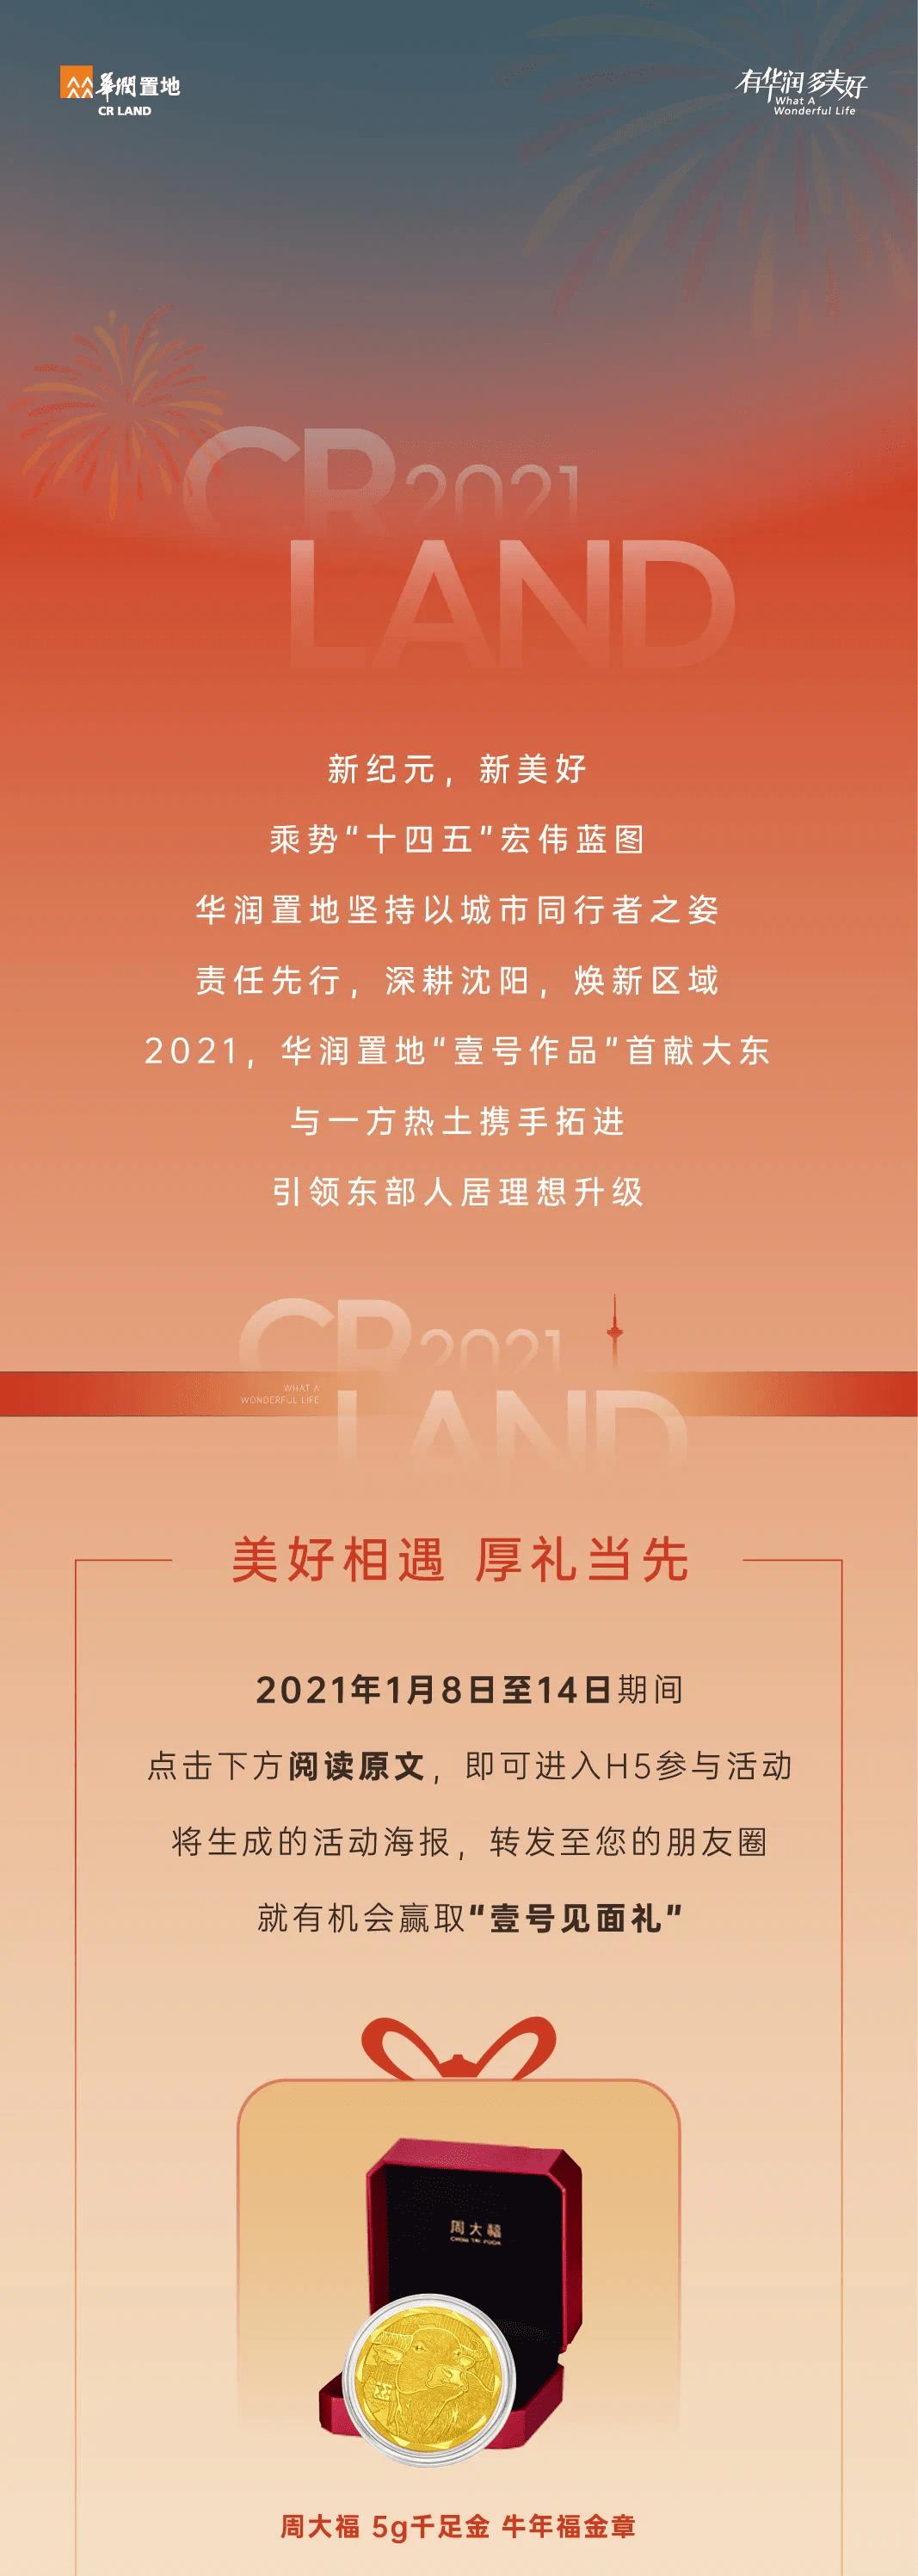 【华润置地 大东壹号作品】 共鉴赢好礼